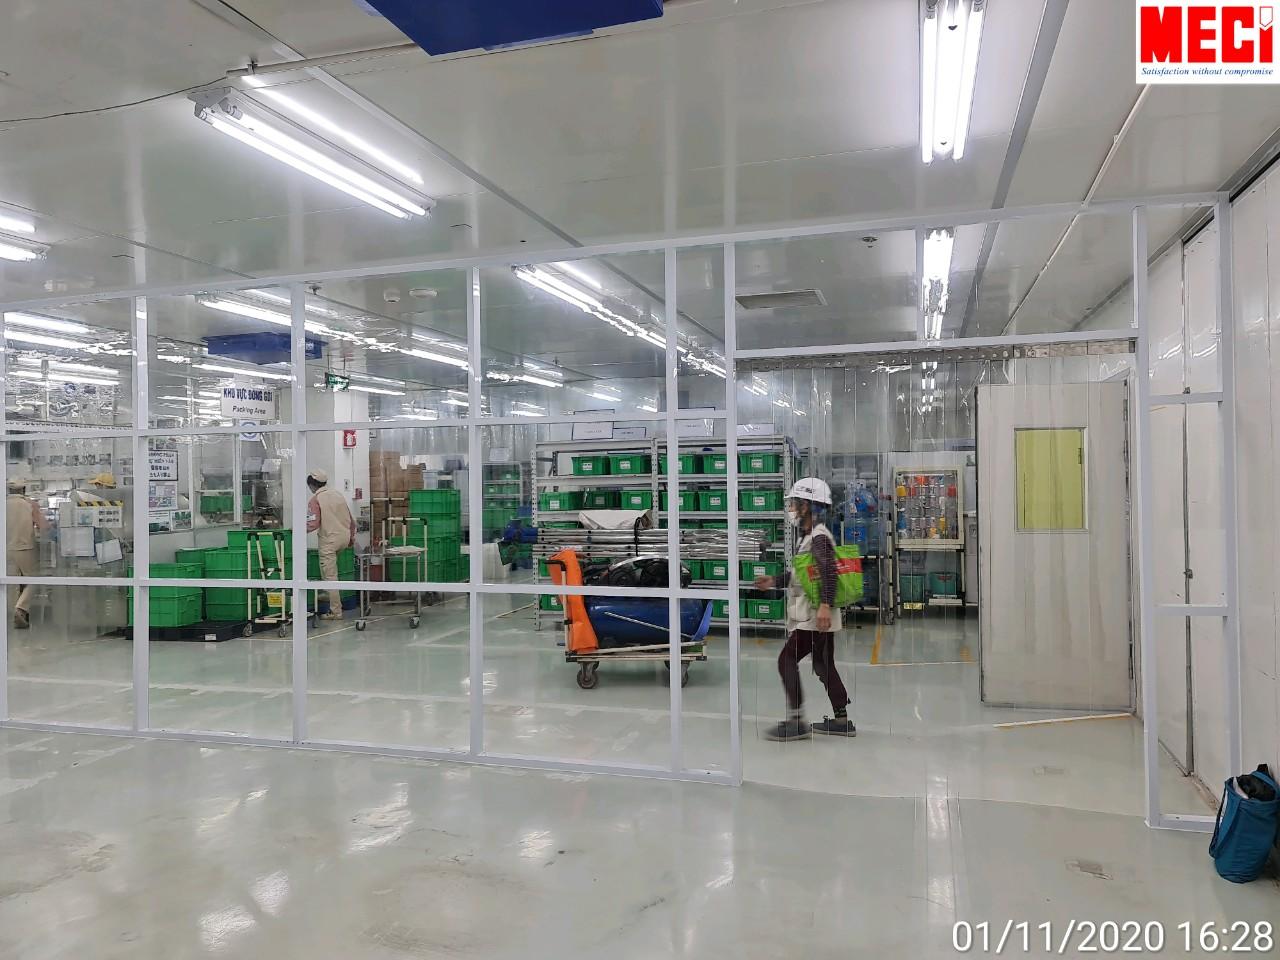 Lắp Đặt Vách Nhựa Trong Suốt Tại KCN Thạch ThấtLắp Đặt Vách Nhựa Trong Suốt Tại KCN Thạch Thất